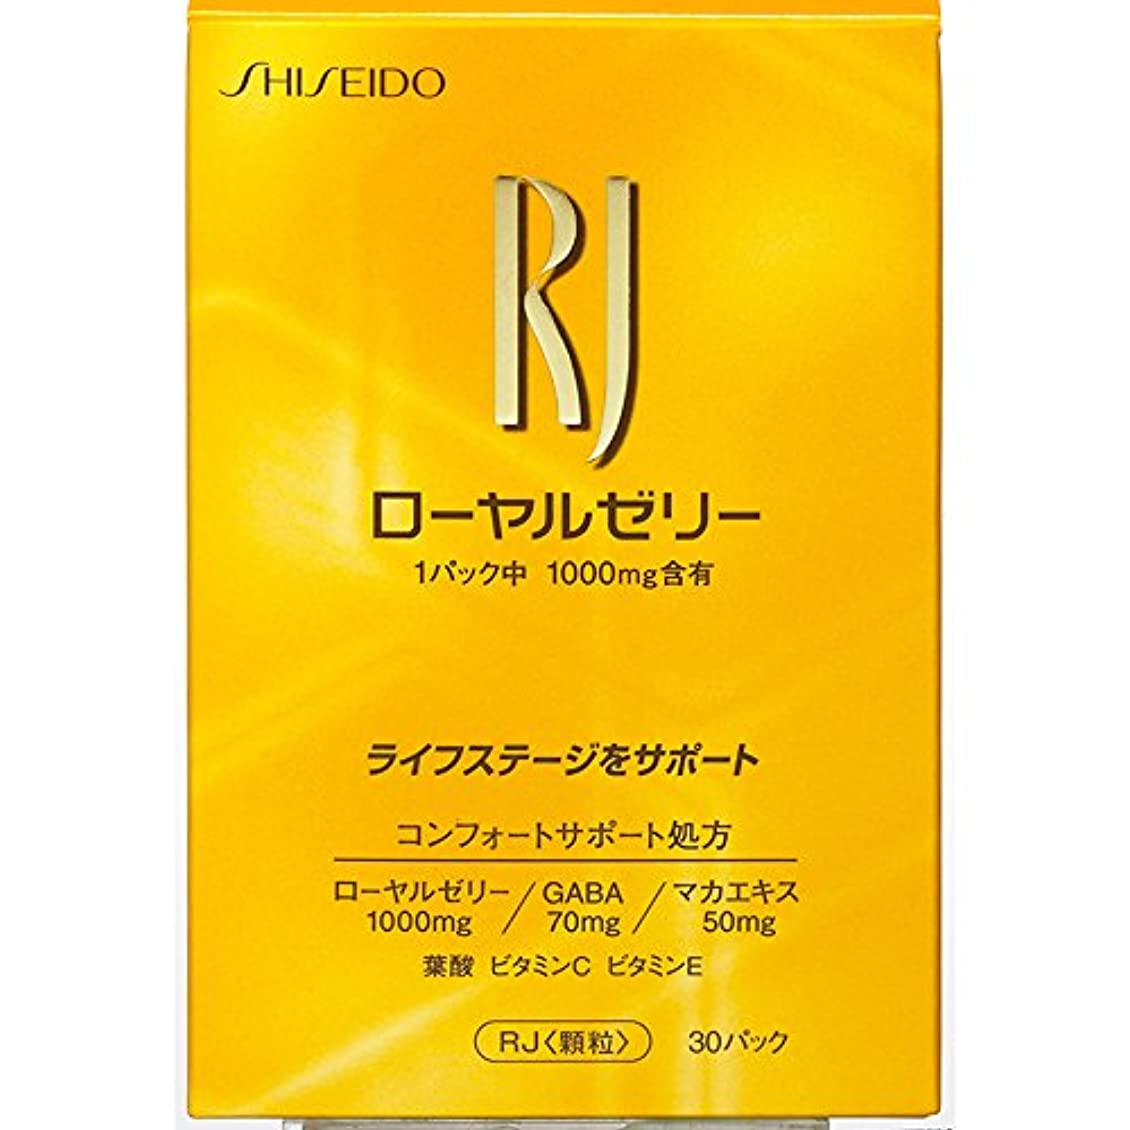 ジャム錆び撤回するRJ(ローヤルゼリー) < 顆粒 > (N) 1.5gX30パック